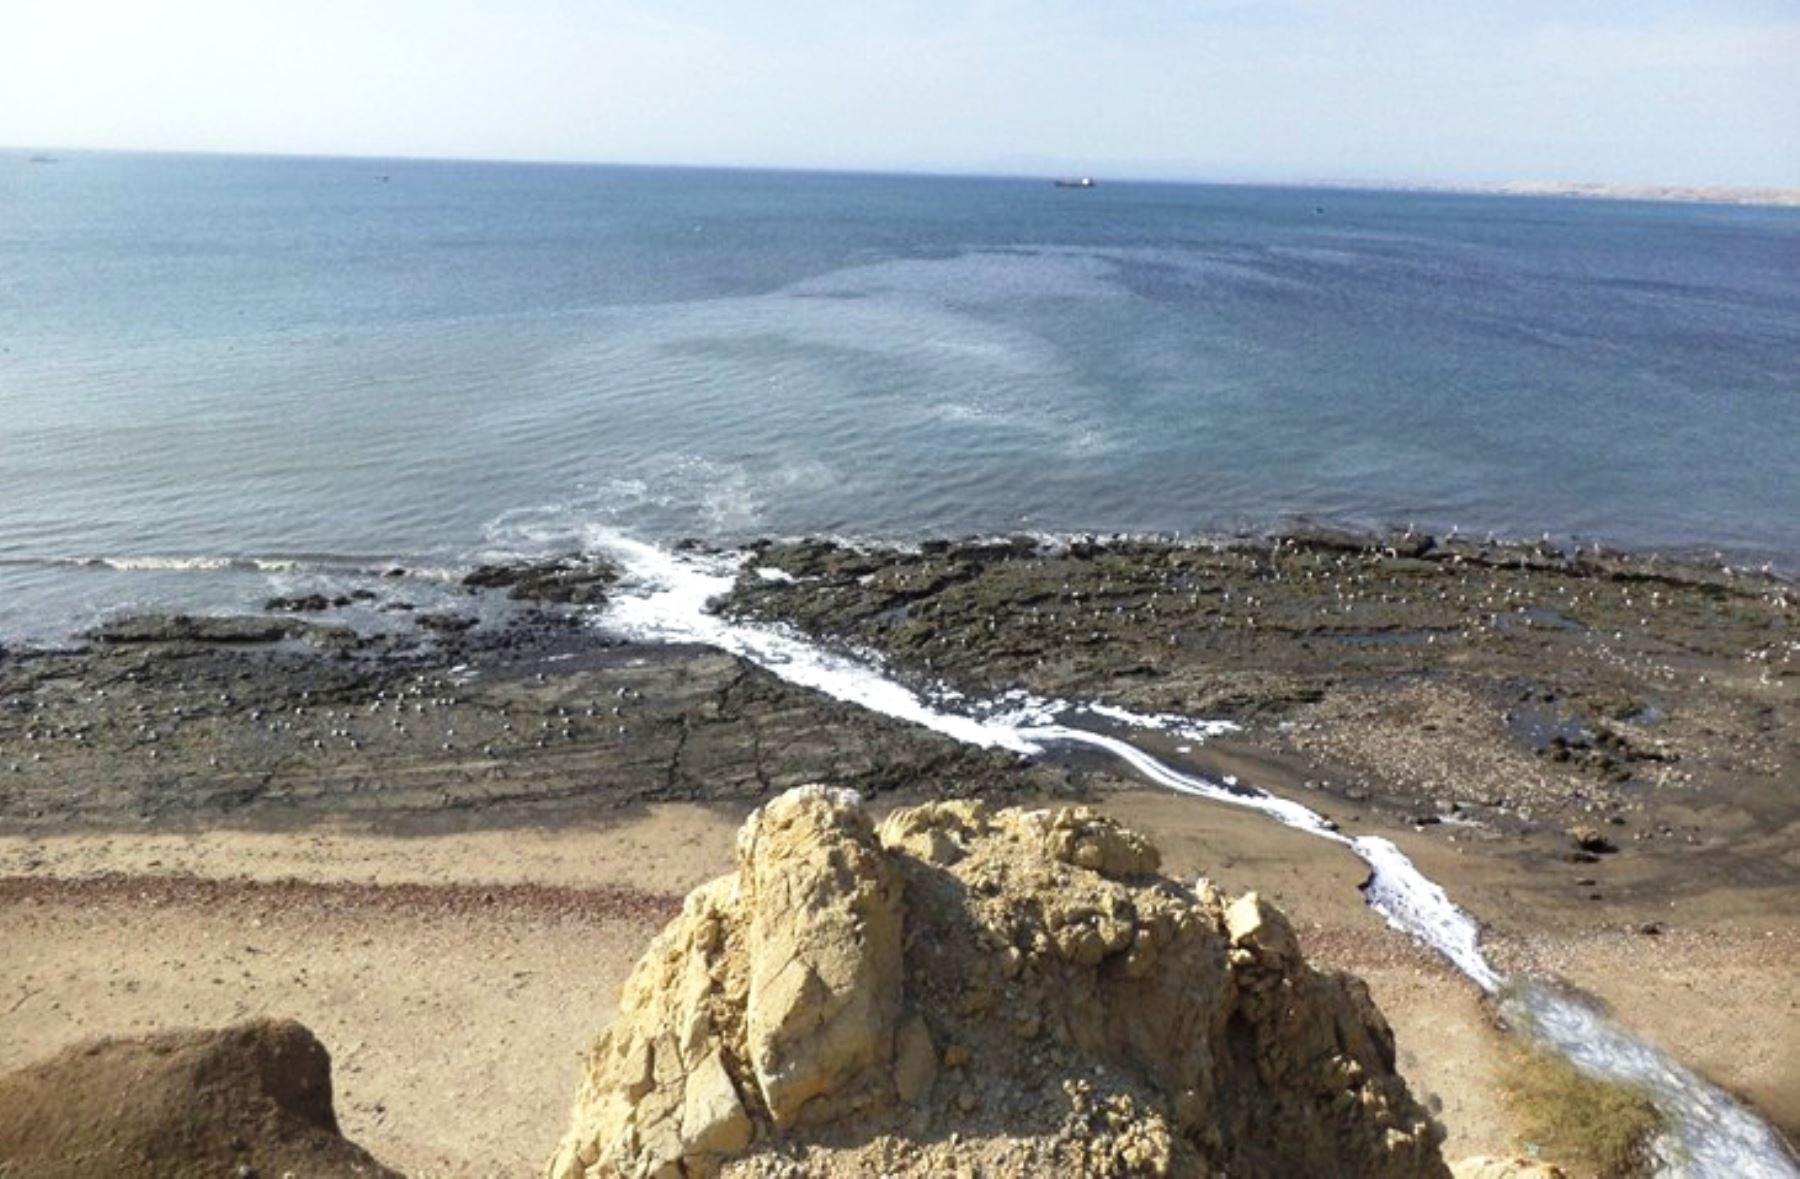 El mar de Paita está contaminado por el colapso de los desagües y la actividad industrial. Foto: Agencia Andina.